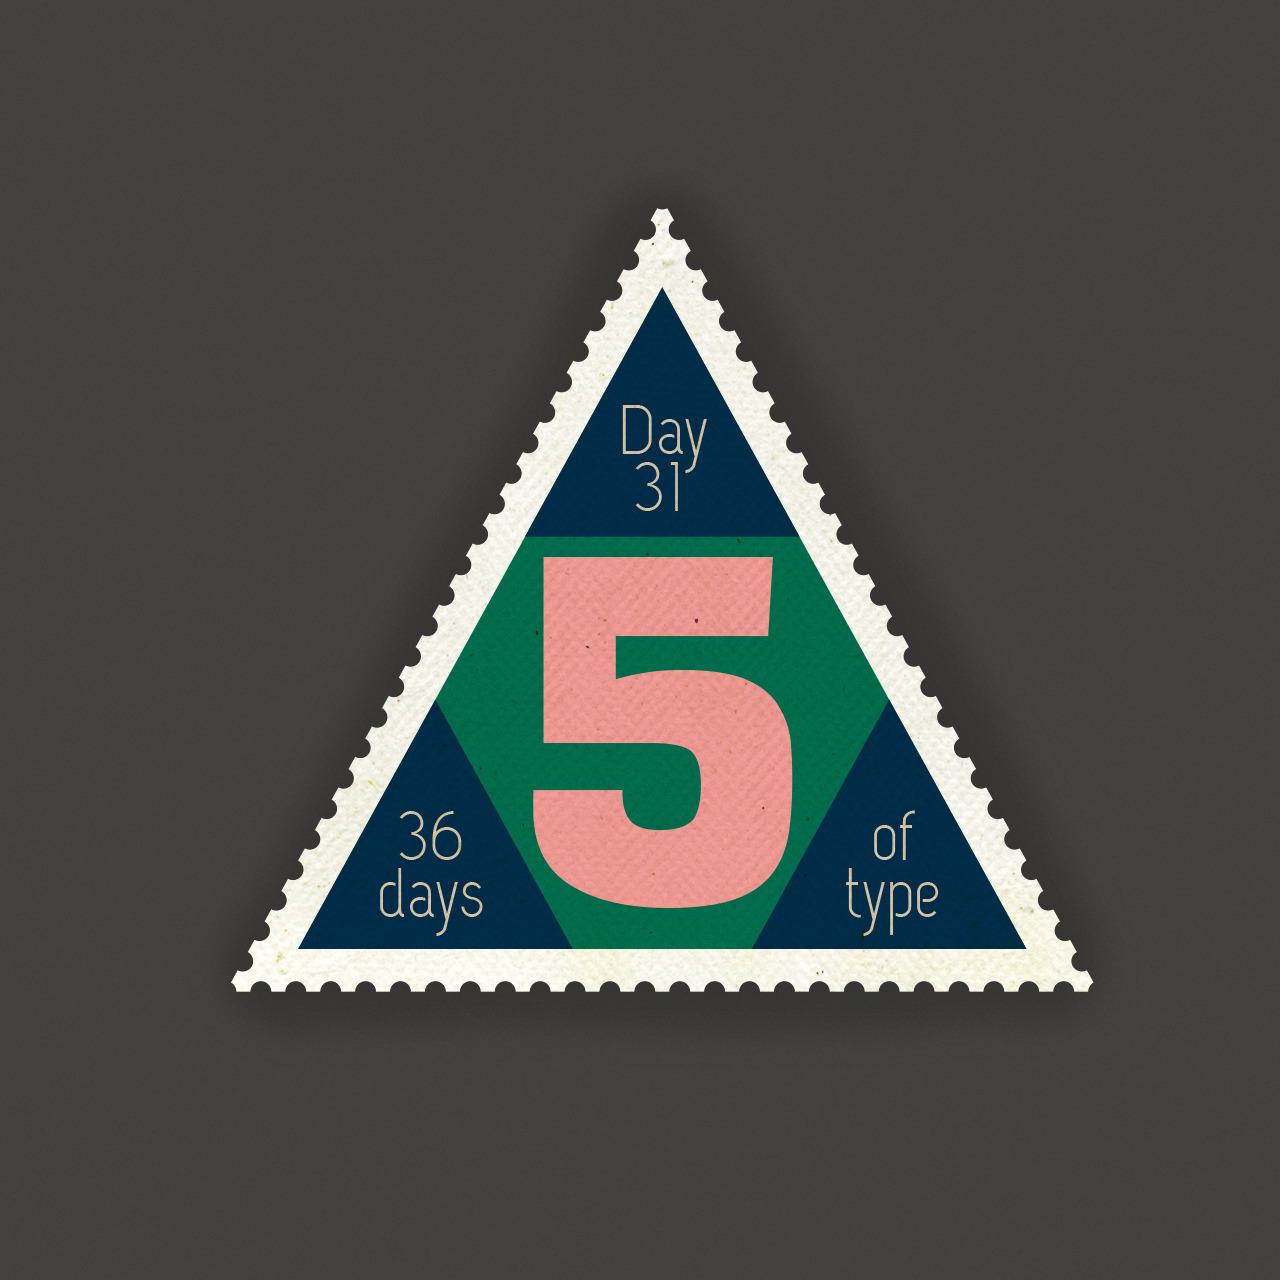 5 - 36days_5, 36daysoftype04 - jonashoffmann | ello